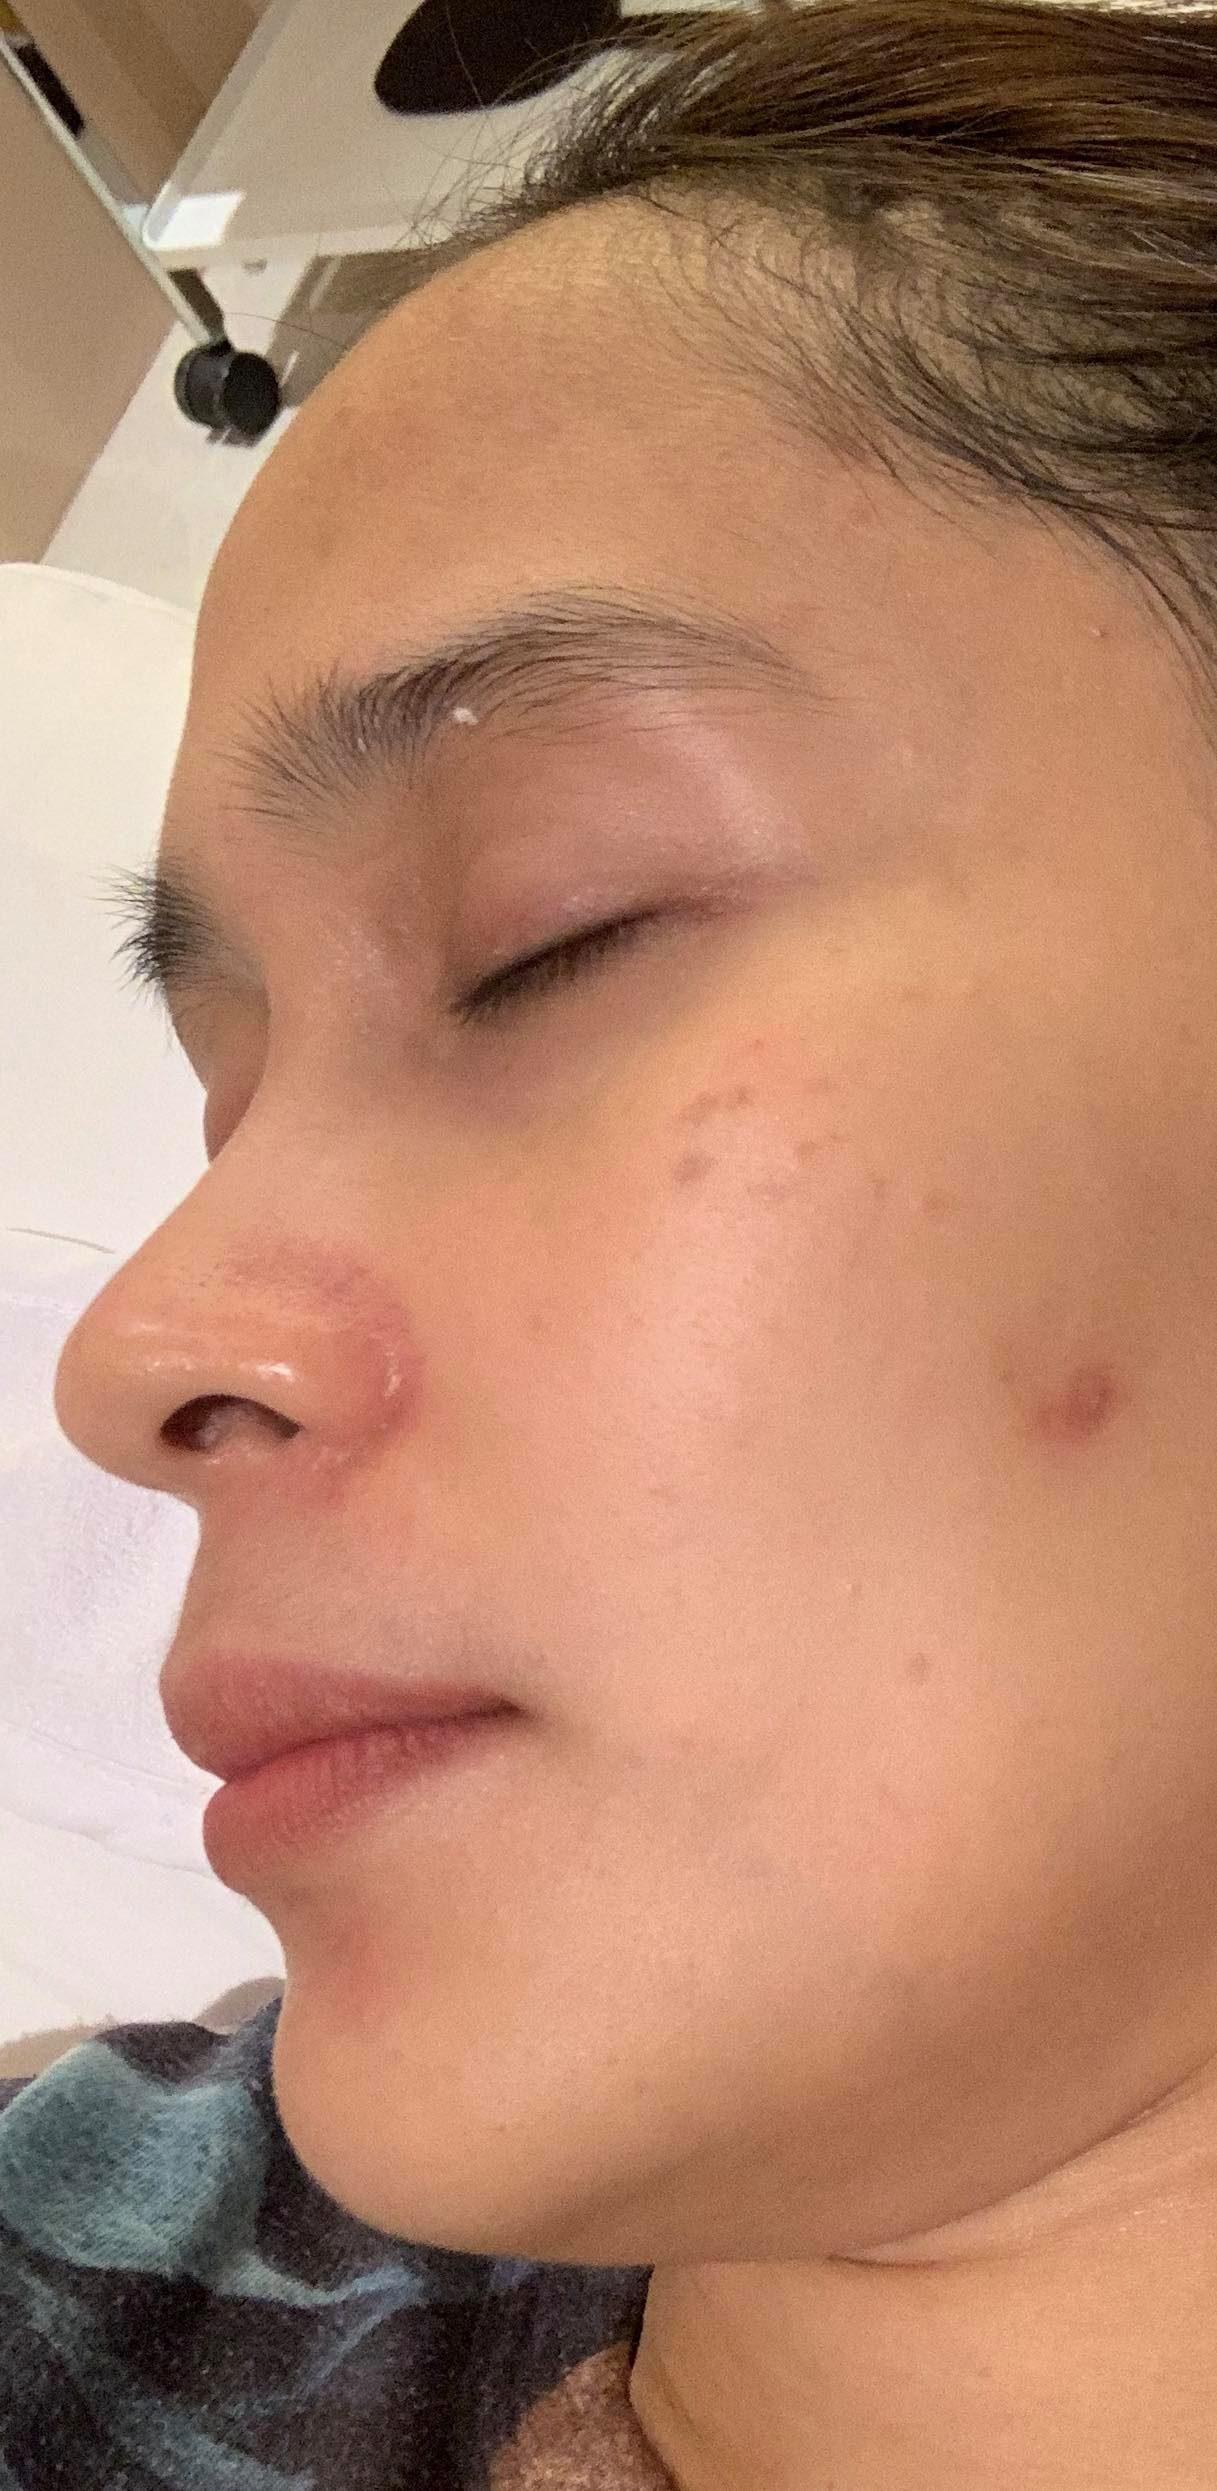 Stelton Dermascience treatment after